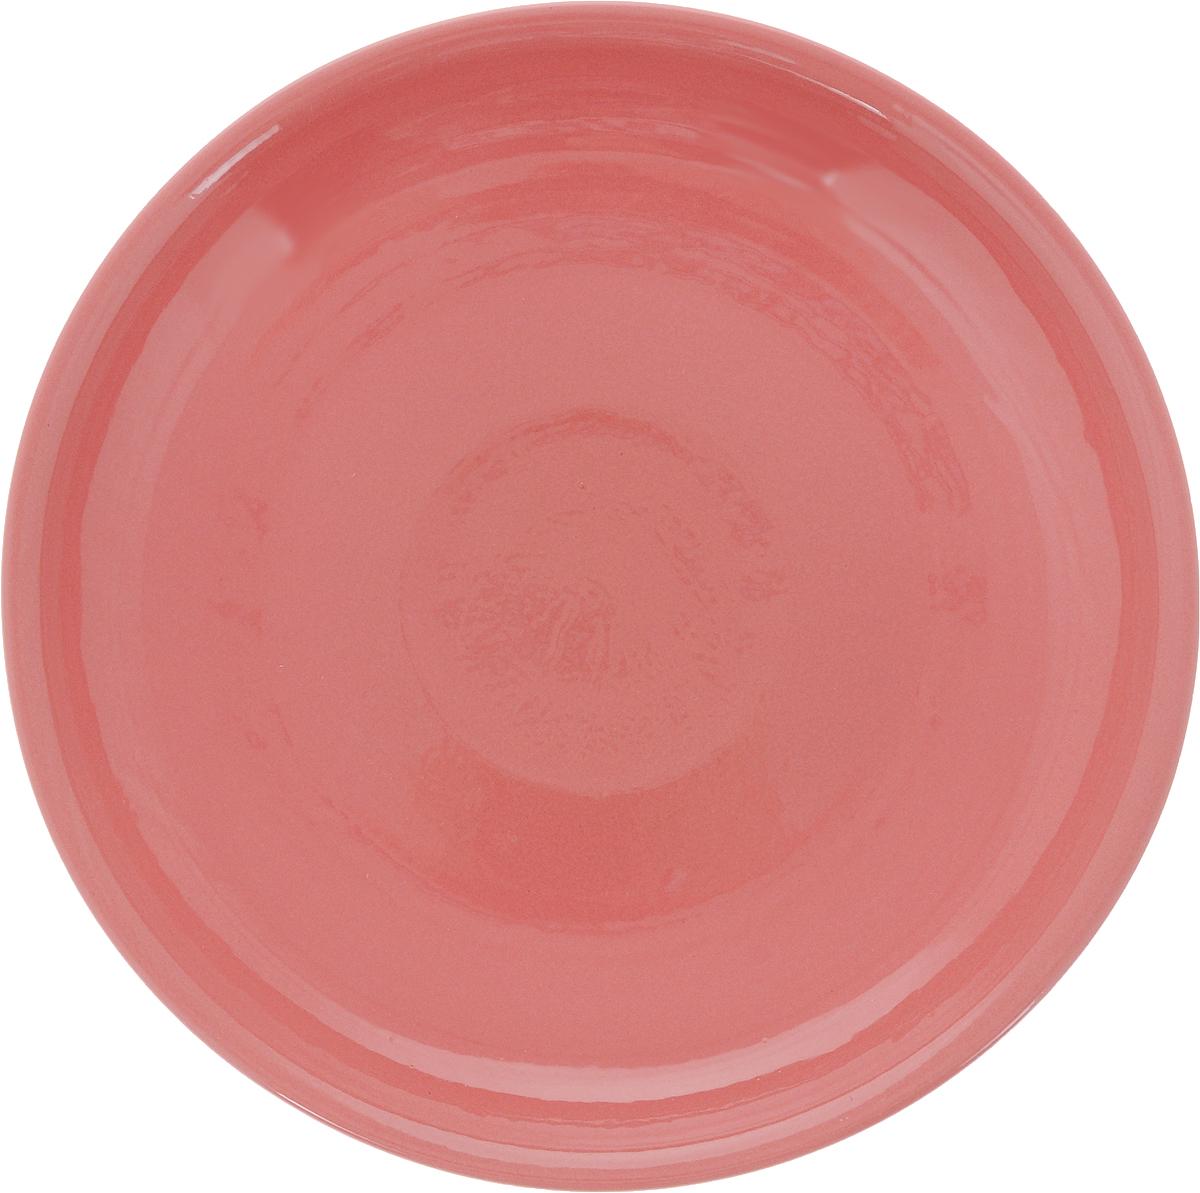 Тарелка Борисовская керамика Радуга, цвет: розовый, диаметр 18 смРАД00000458_розовыйТарелка Борисовская керамика Радуга выполнена из высококачественной керамики. Изделие идеально подойдет для сервировки стола и станет отличным подарком к любому празднику. Можно использовать в духовке и микроволновой печи.